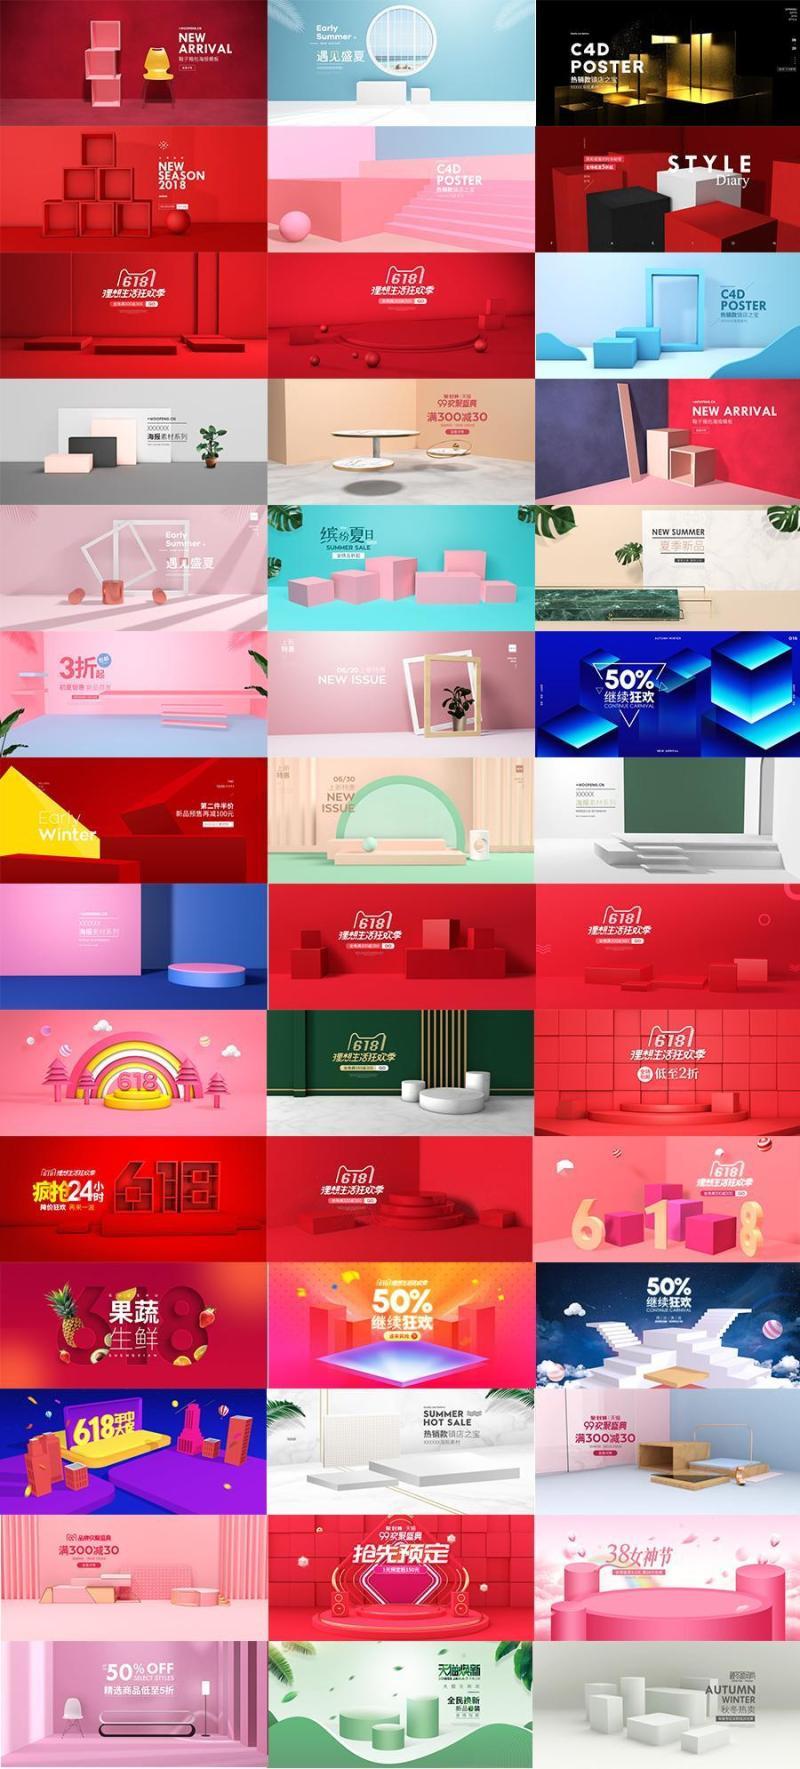 241款立体风格banner背景柱形淘宝天猫电商618促销海报PSD模板UI设计素材